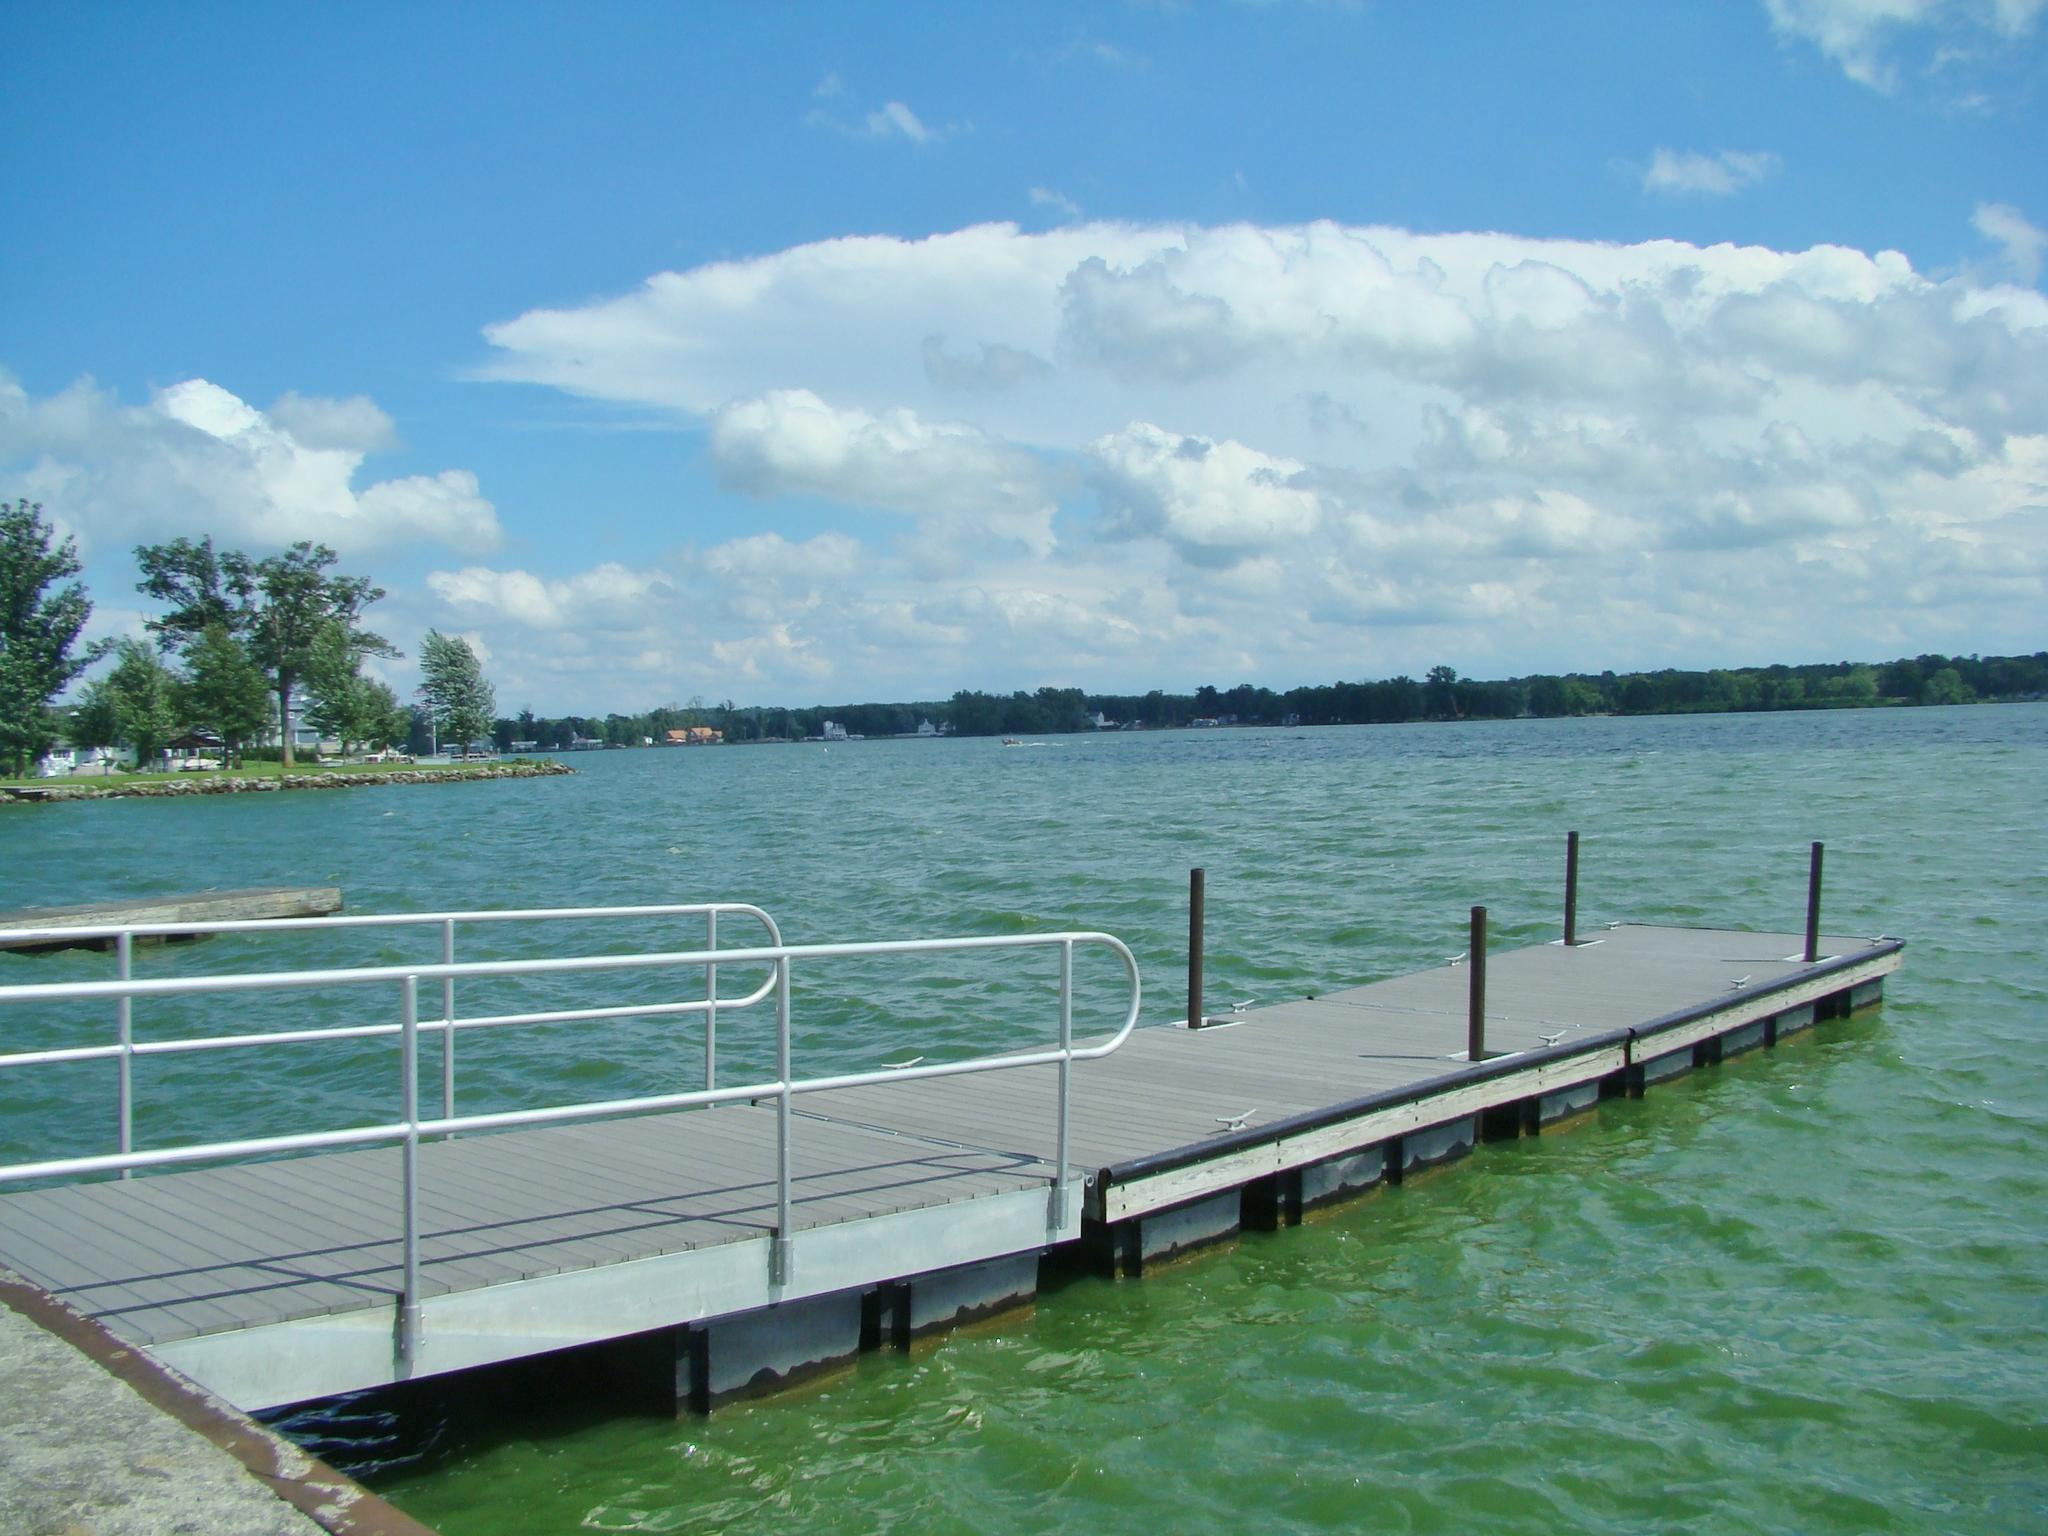 Buckeye Lake today